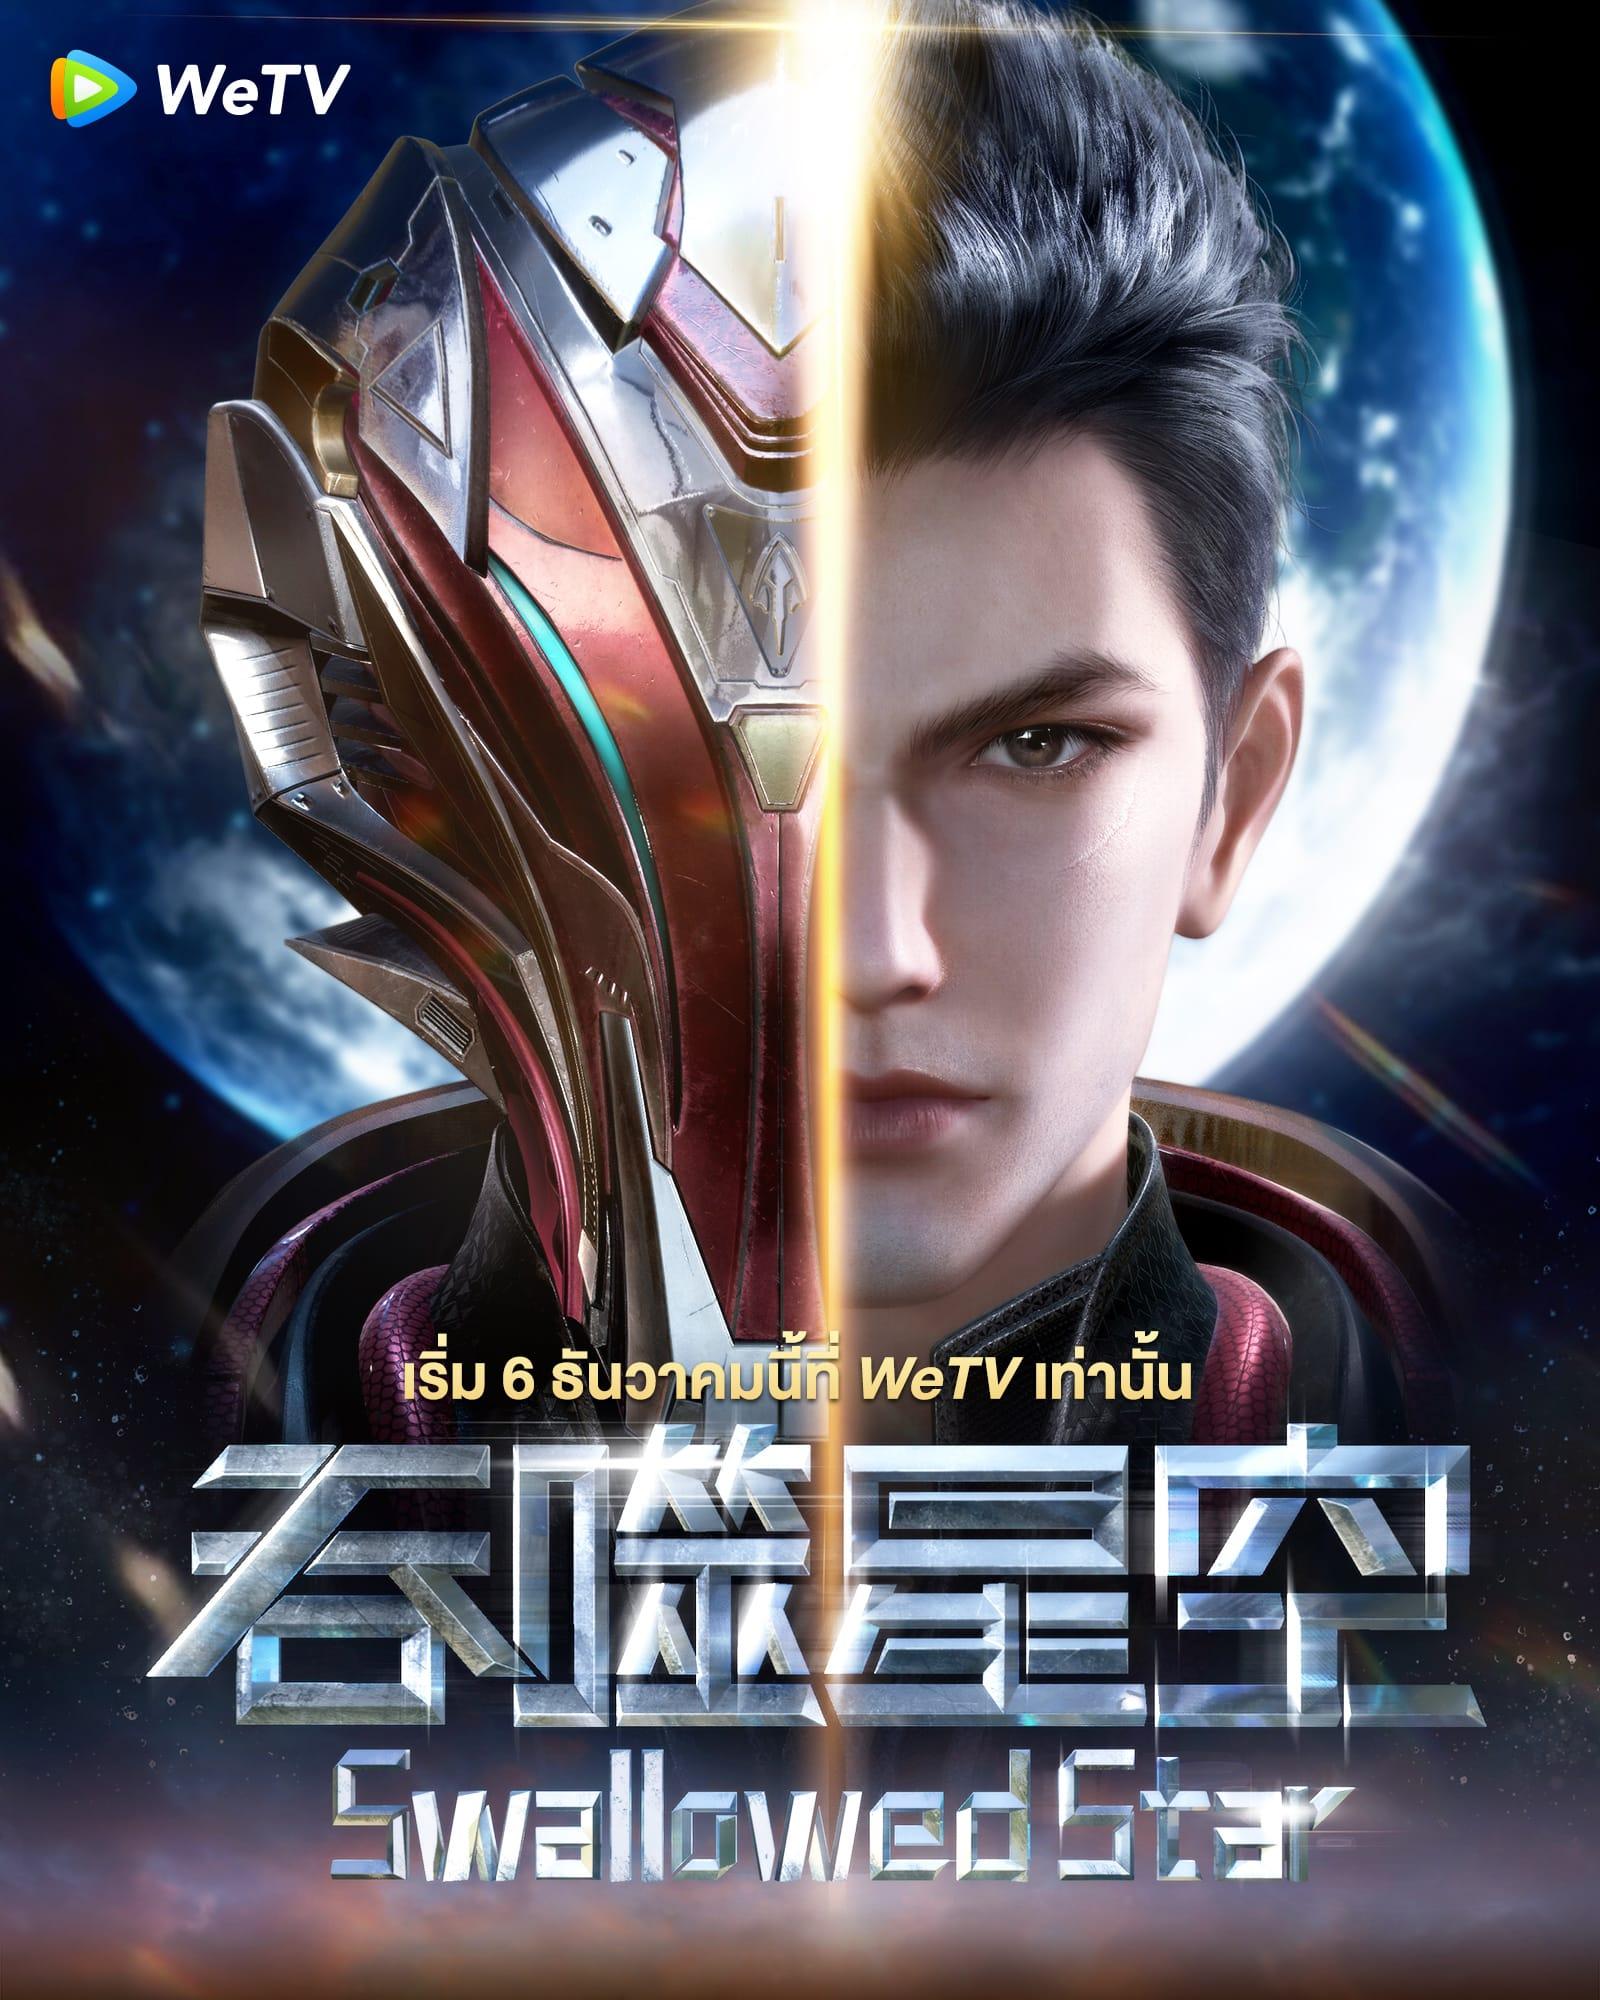 Swallowed Star (2020) มหาศึกล้างพิภพ ซับไทย EP1 – EP15